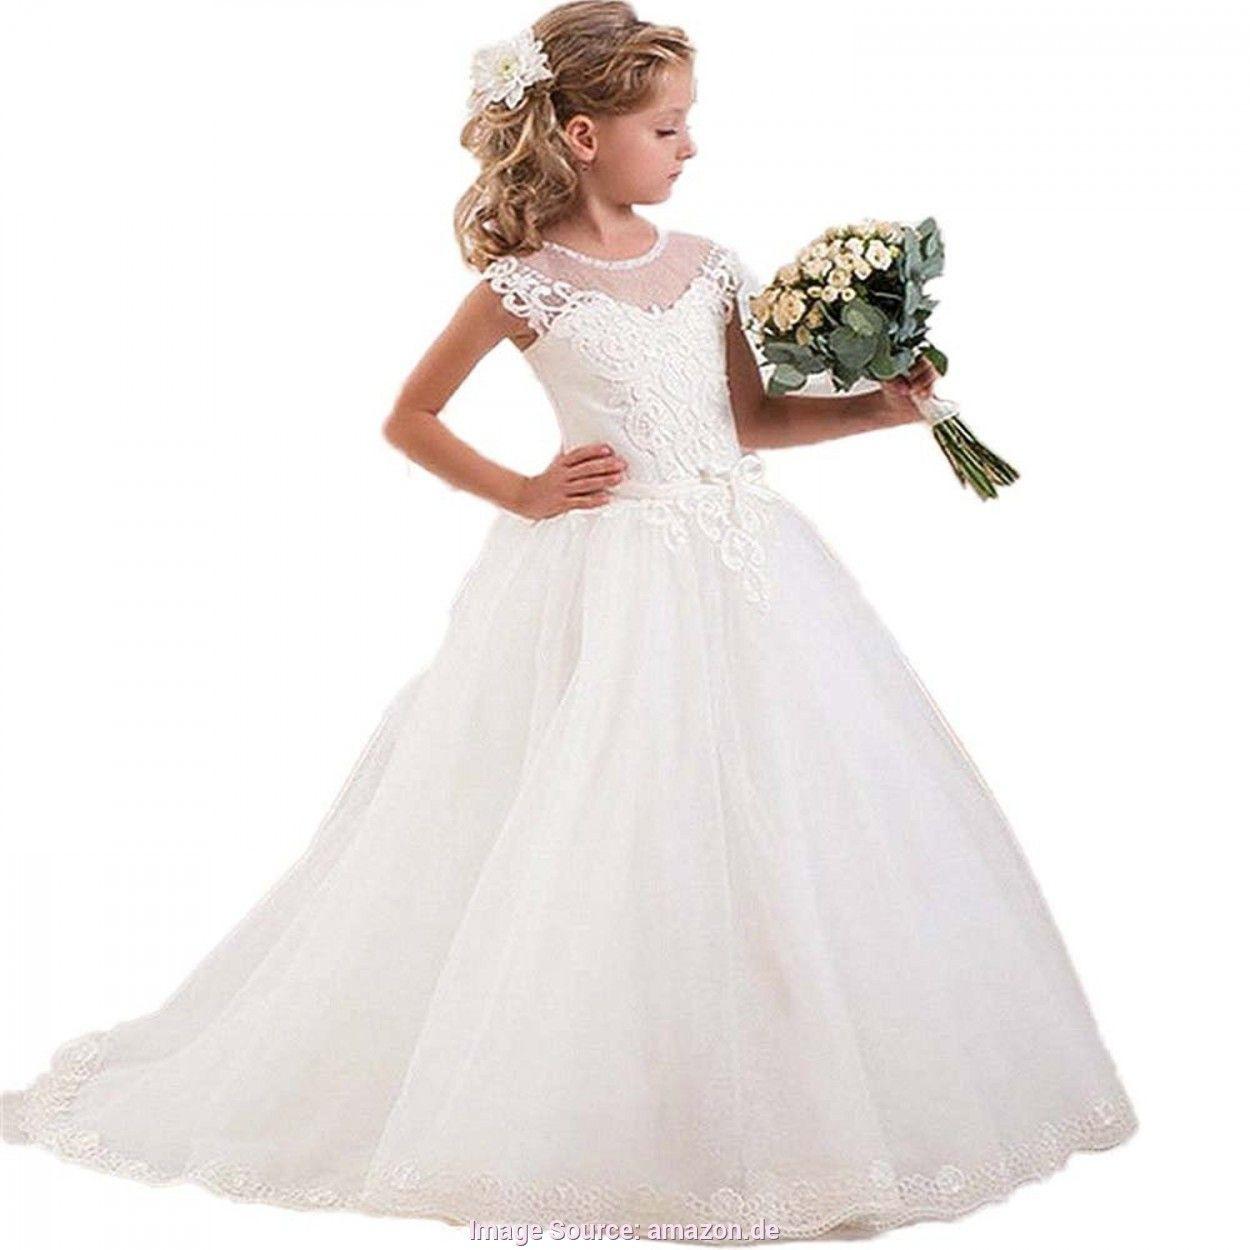 Hochzeitskleid Für Kinder  Hochzeitskleid Kind - Abendkleid